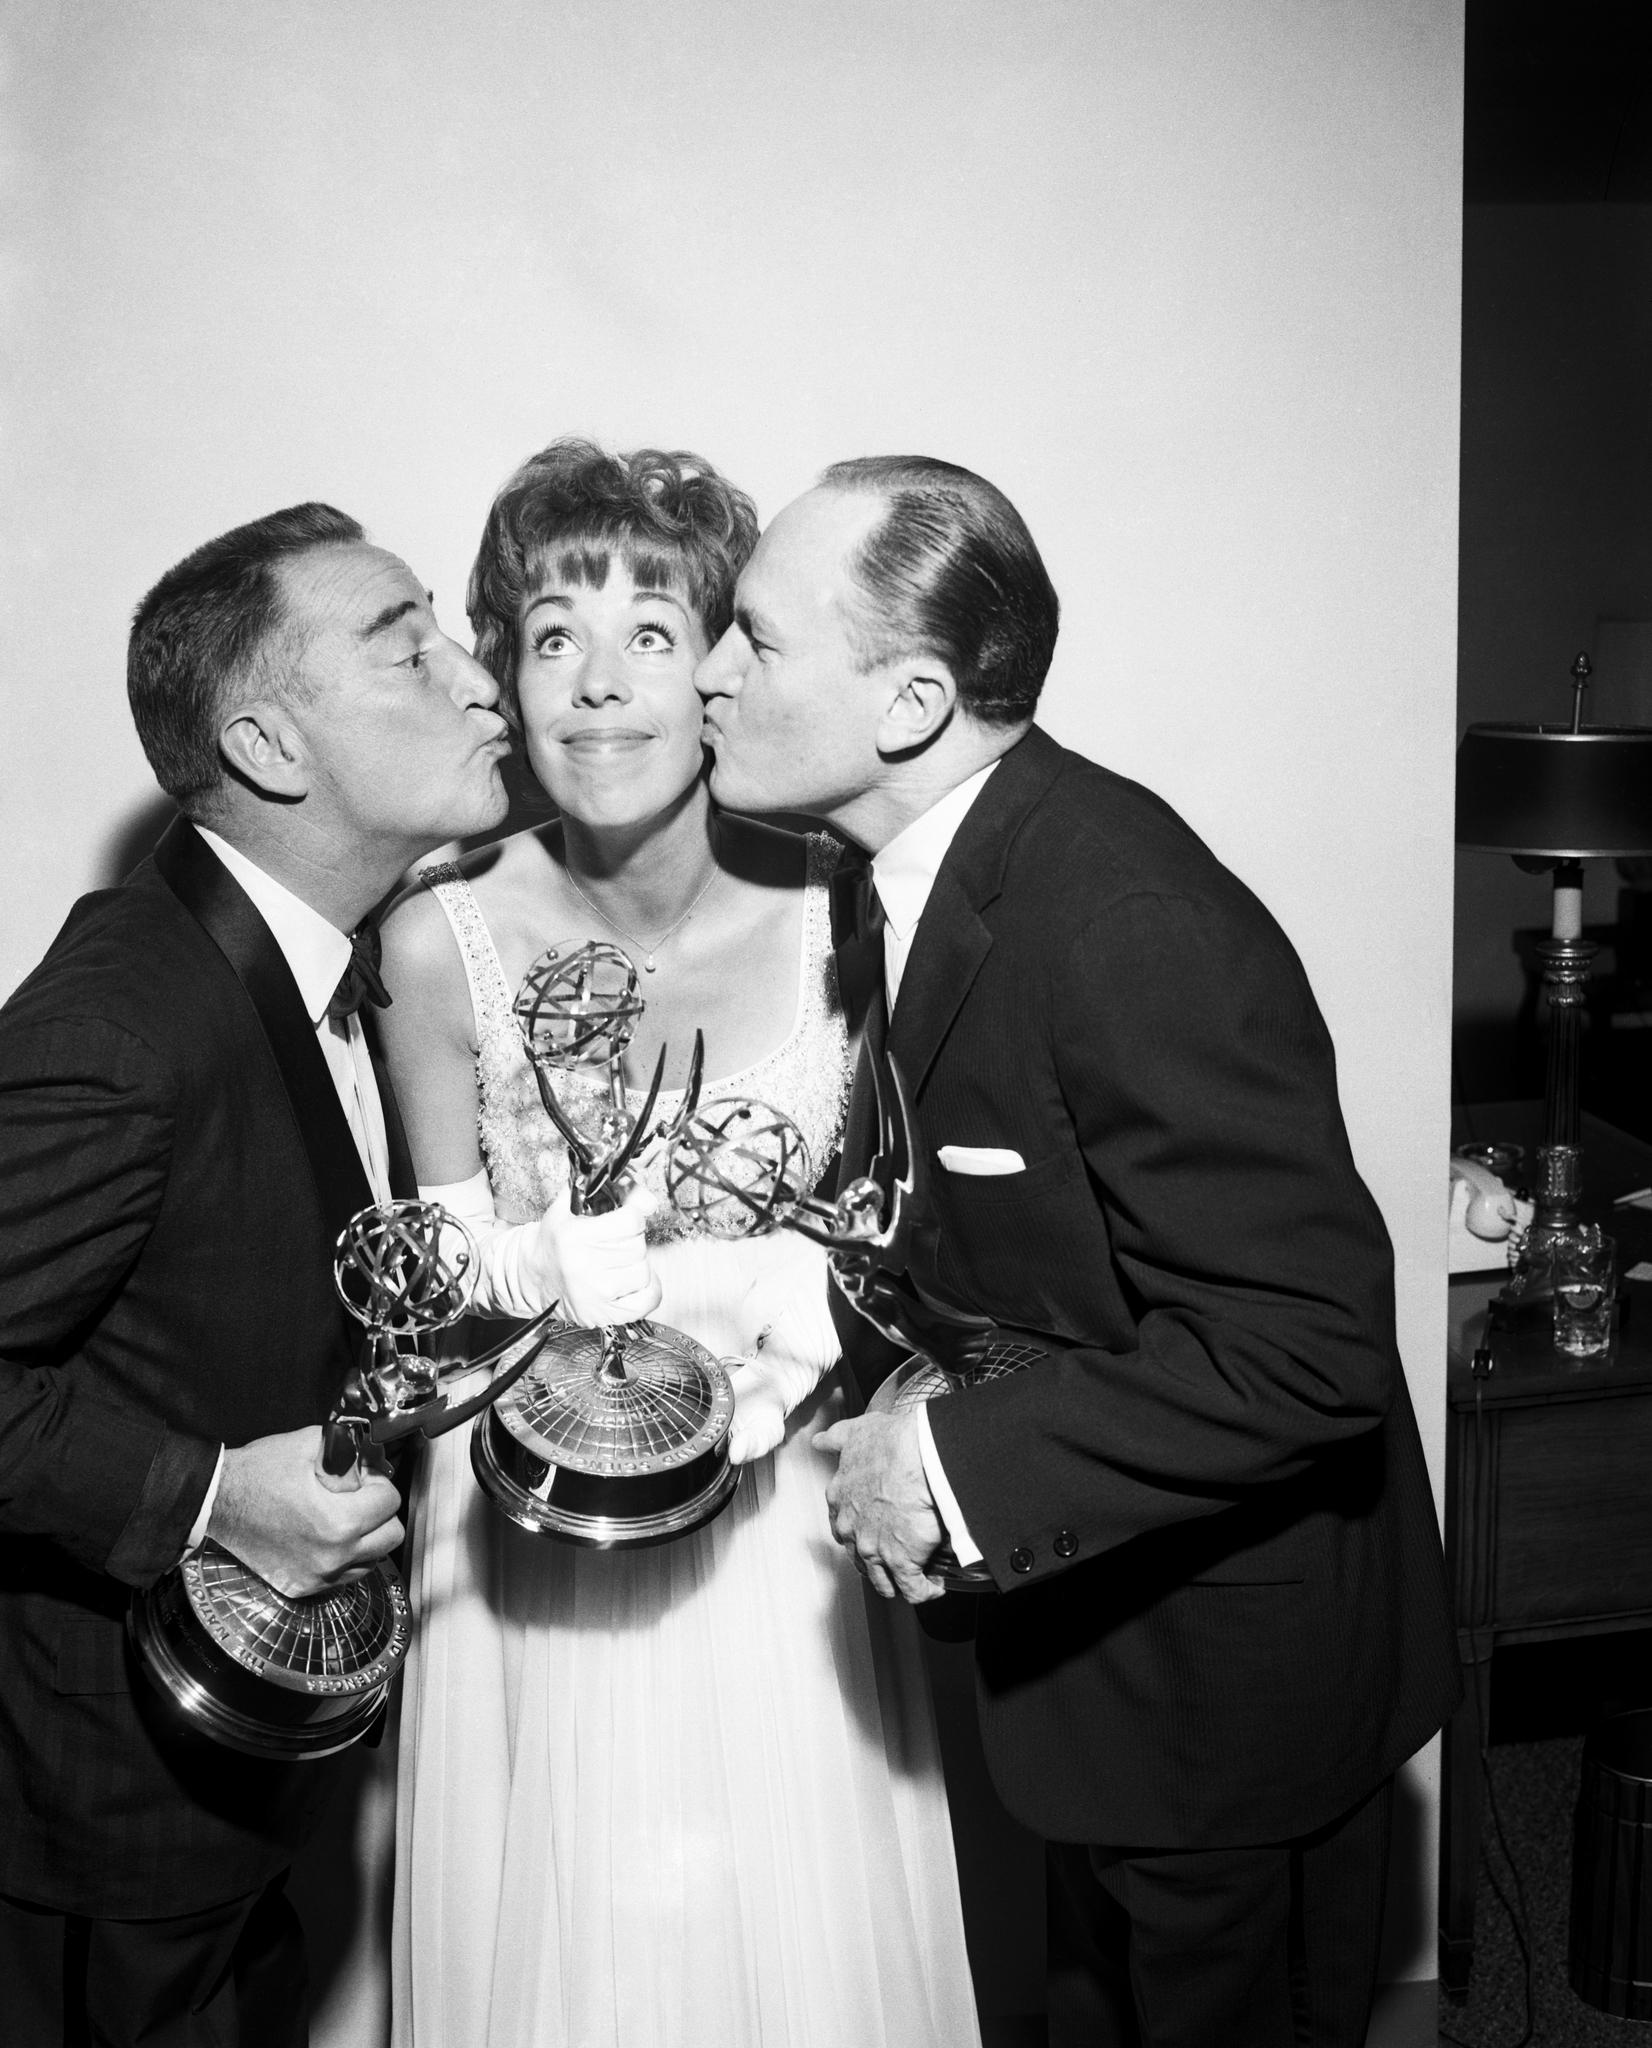 Carol Burnett, E.G. Marshall, and Garry Moore